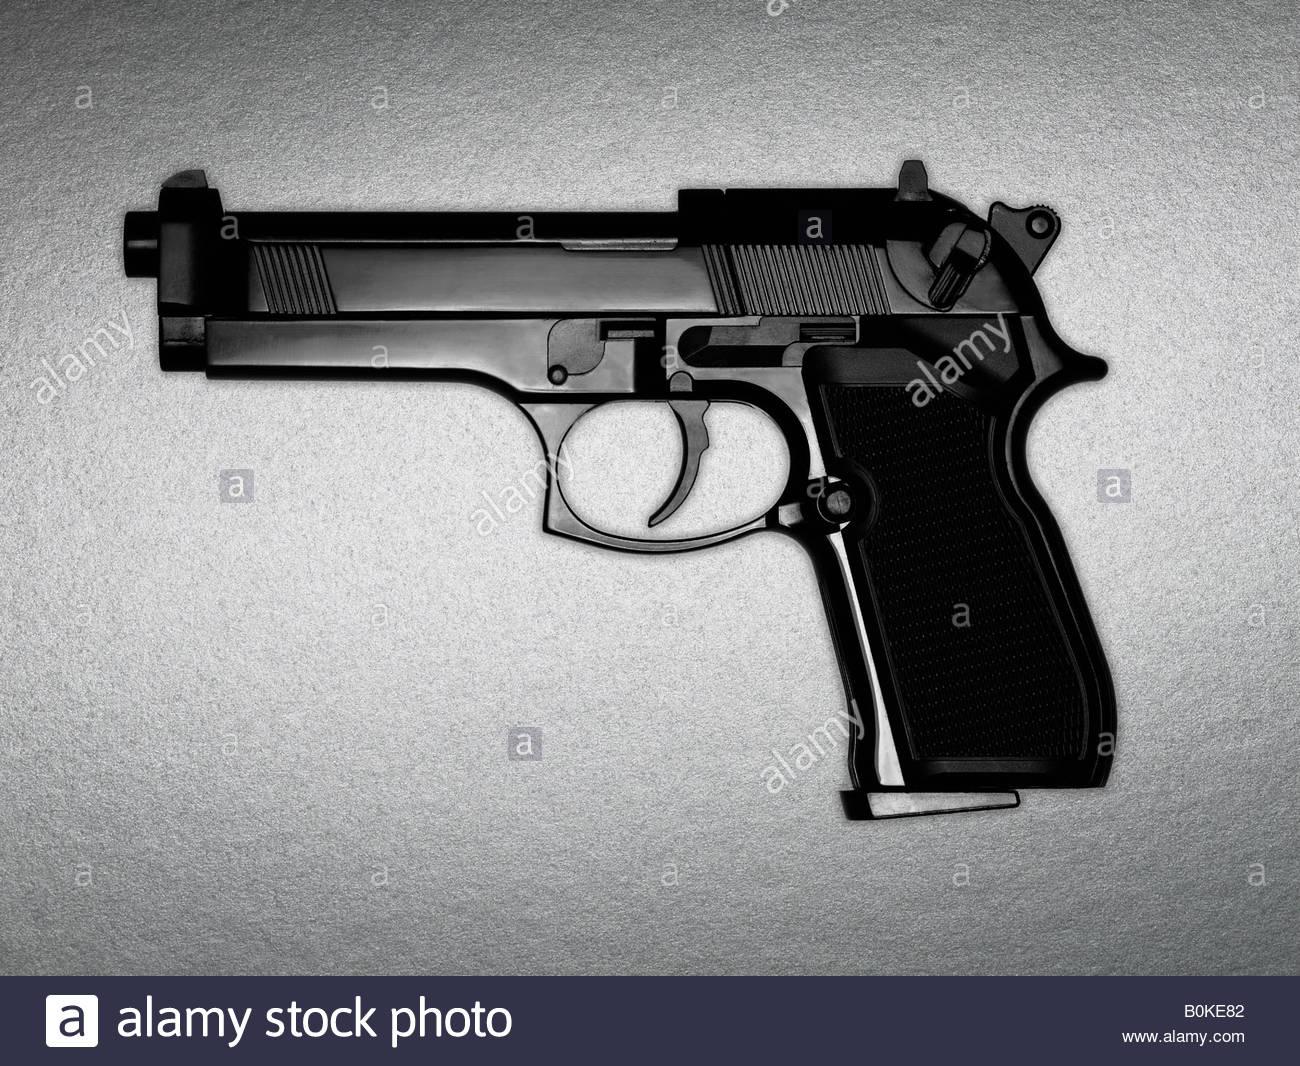 A black gun - Stock Image